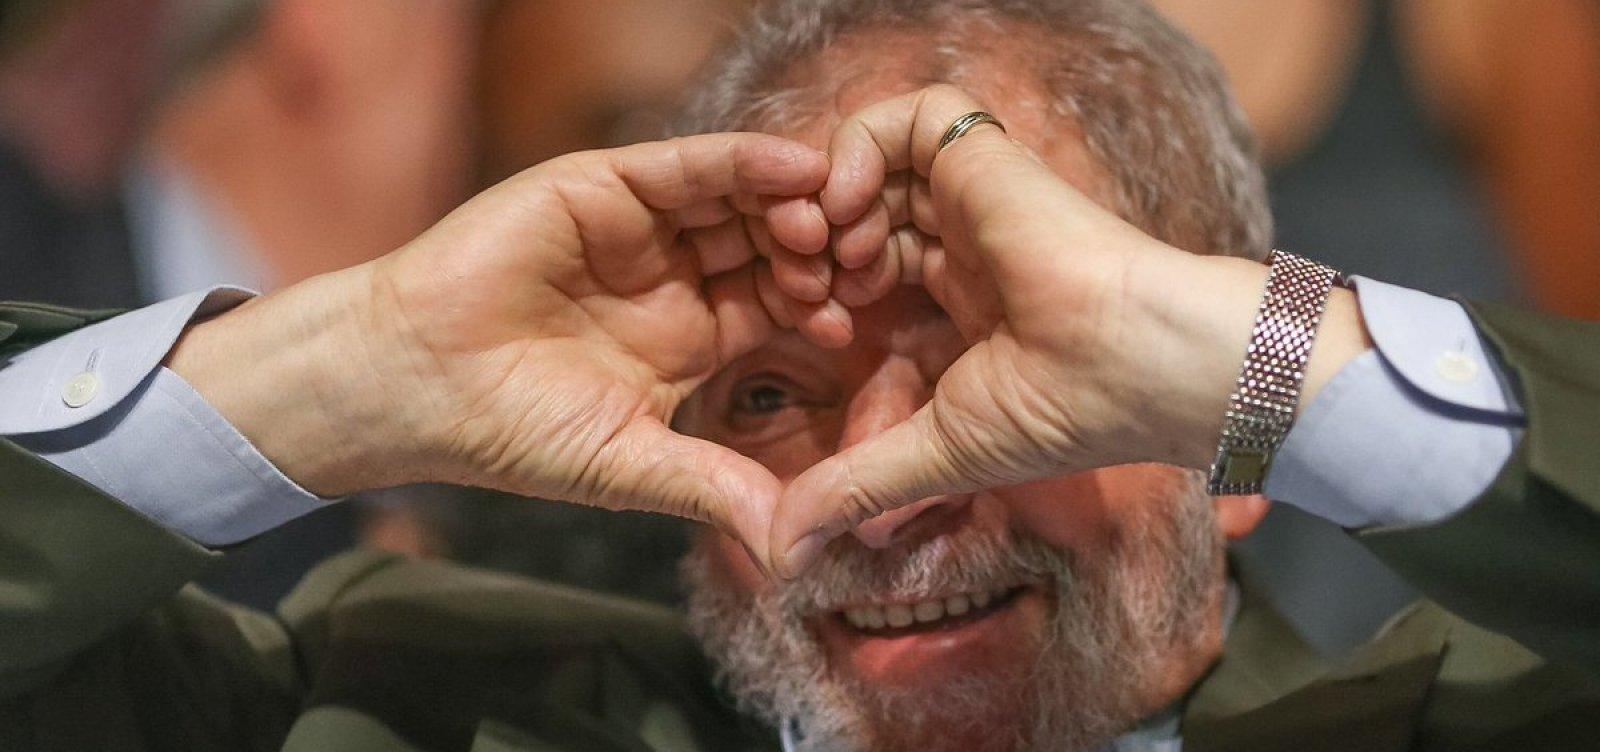 Namorada de Lula se manifesta após decisão do STF: 'Amanhã eu vou te buscar!'